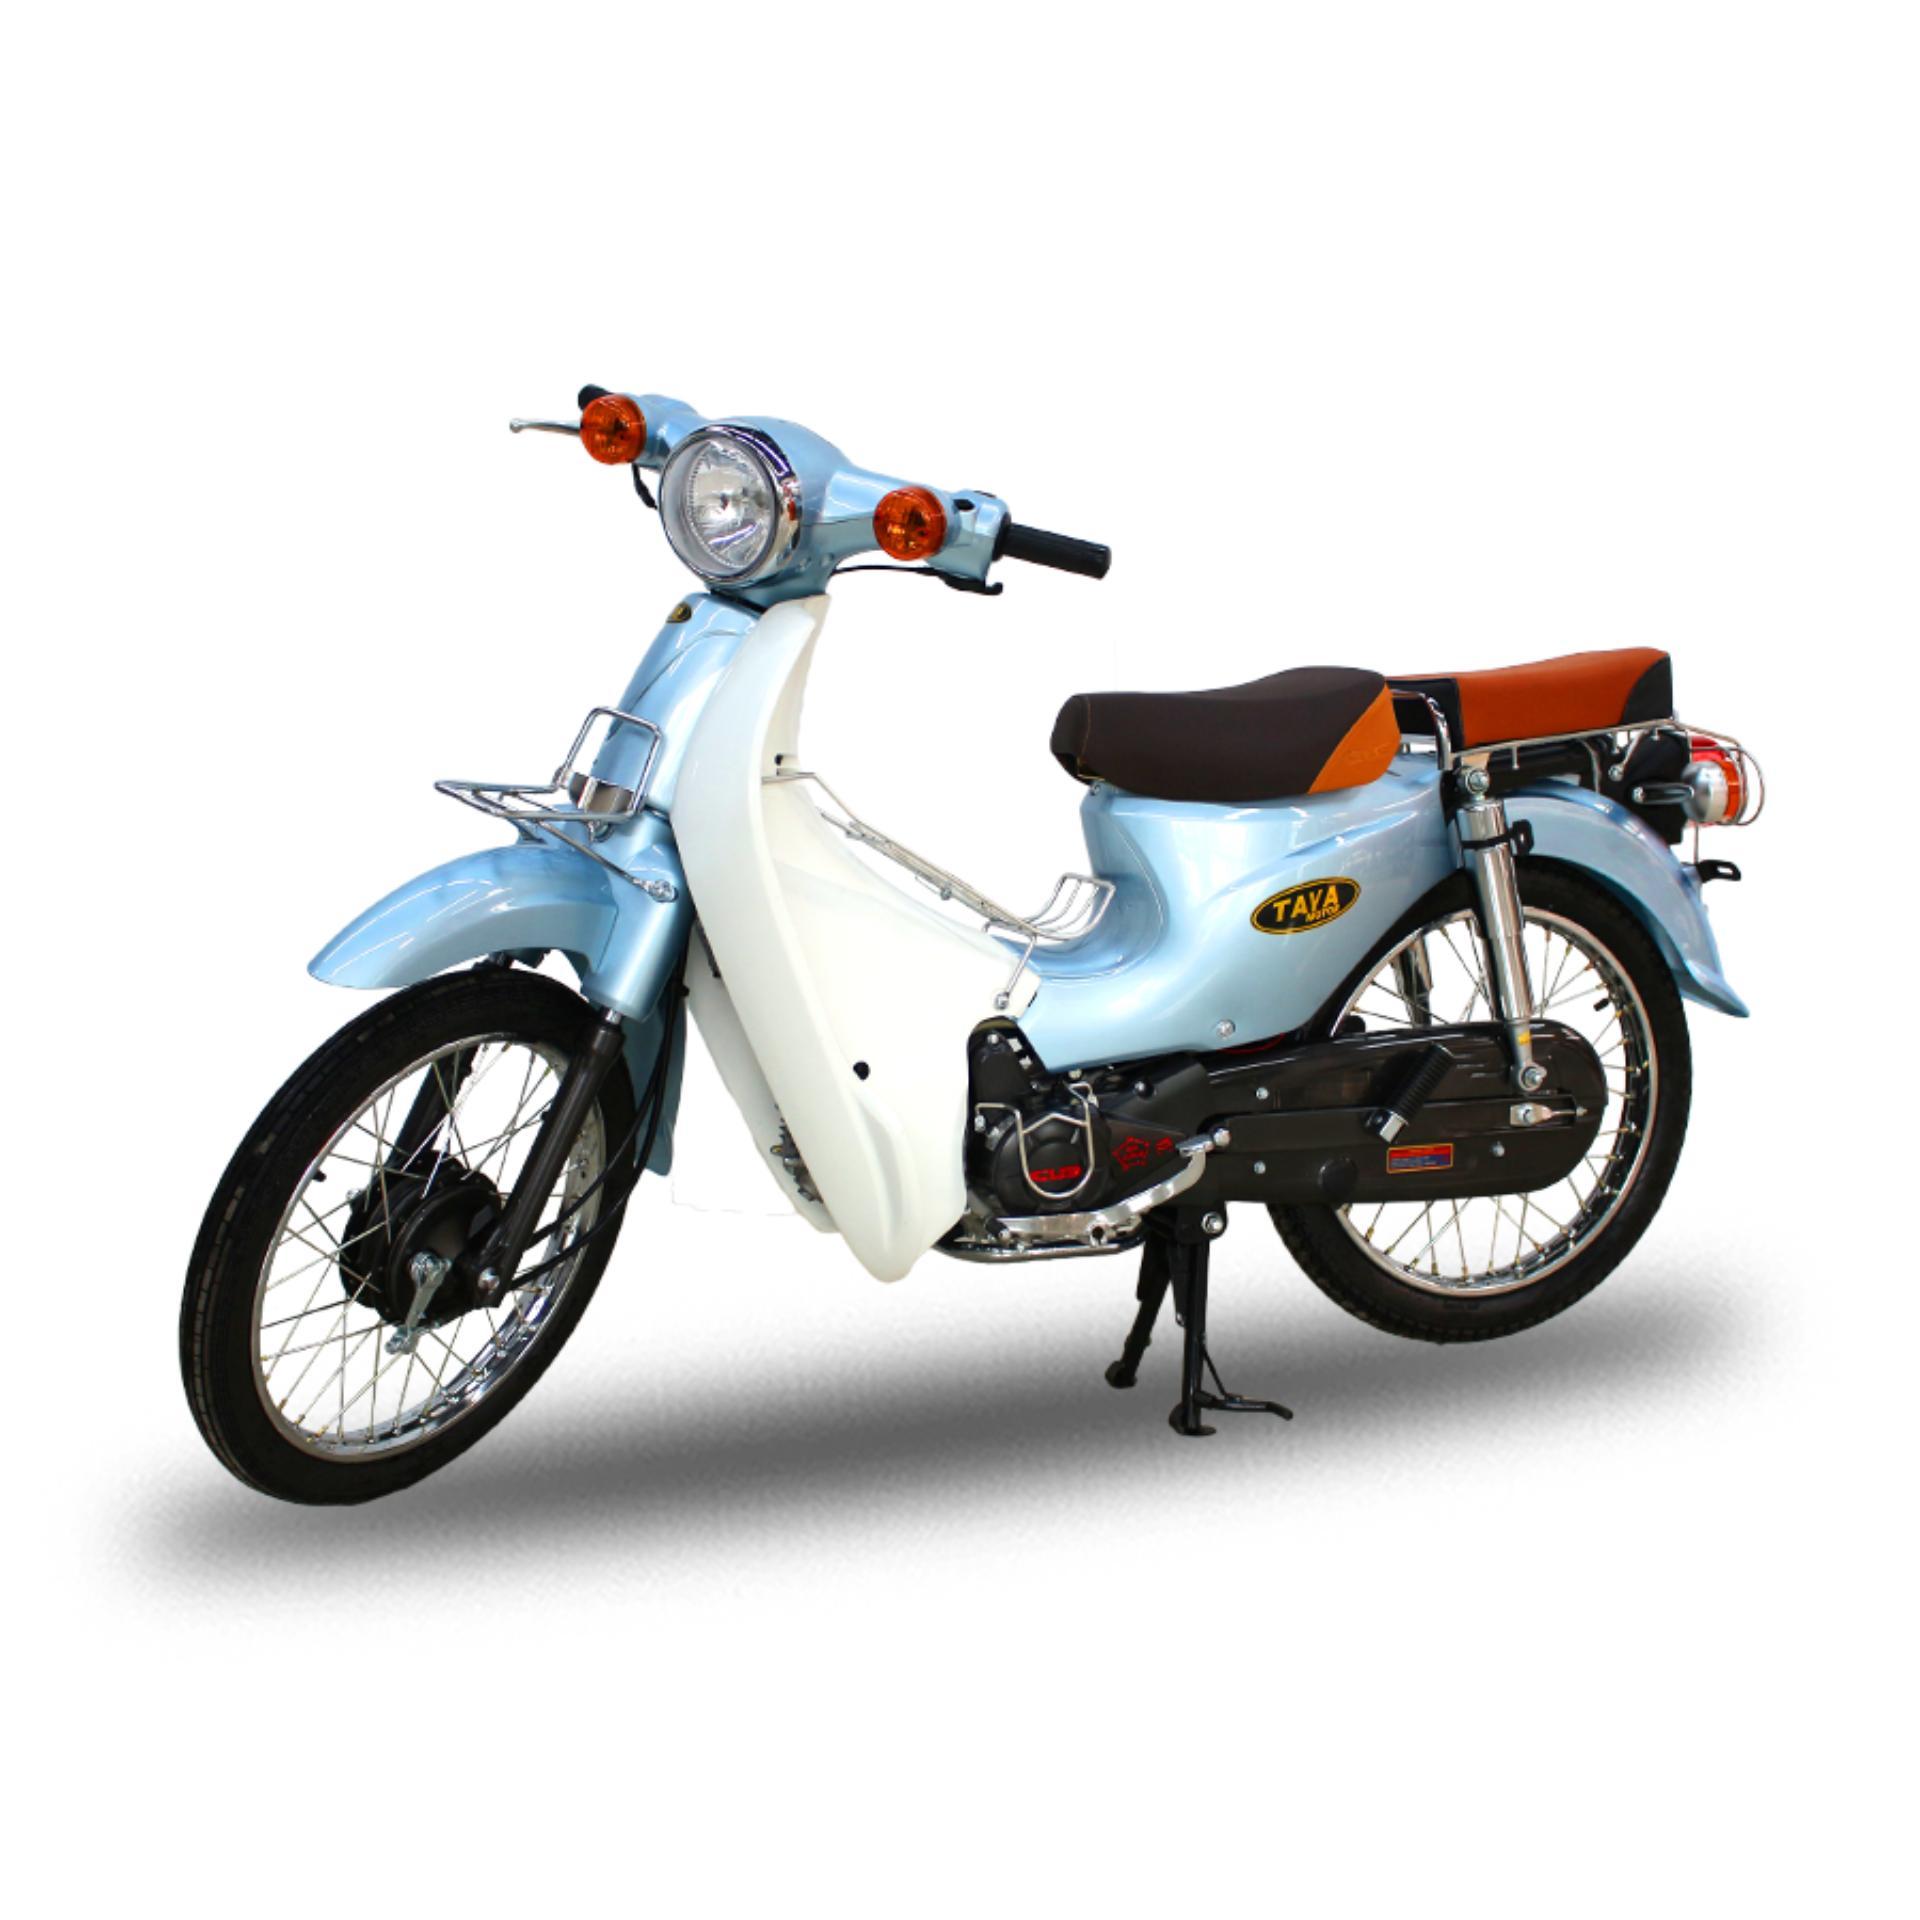 Xe cub 81 TAYA (xanh ngọc) NHẬT BẢN